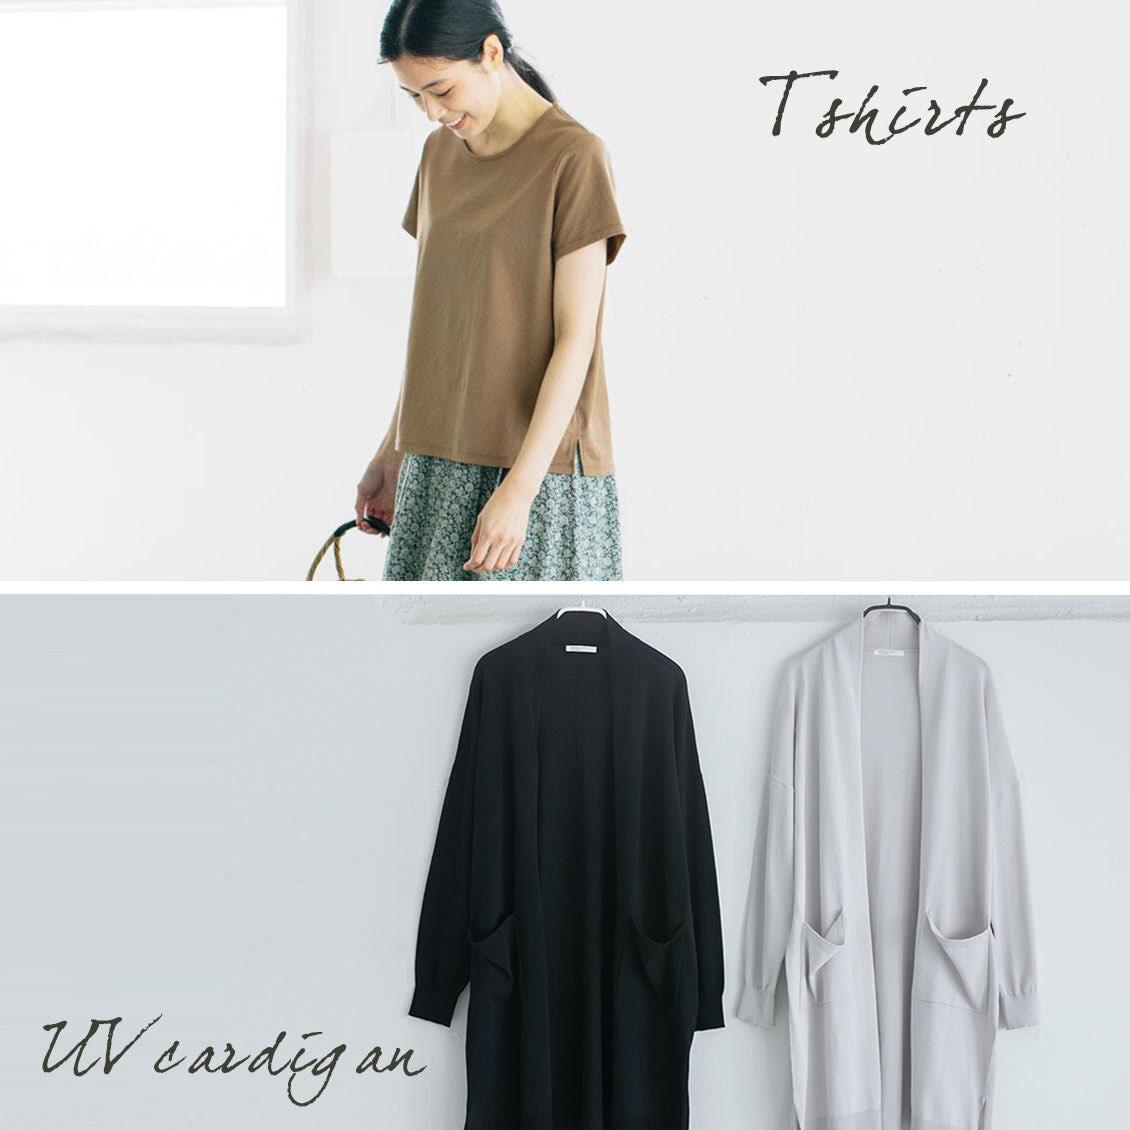 【新商品&再入荷】大人気だった「大人のTシャツ」に新色ブラウンが登場!頼れる「UVカーデ」も同時再入荷です。